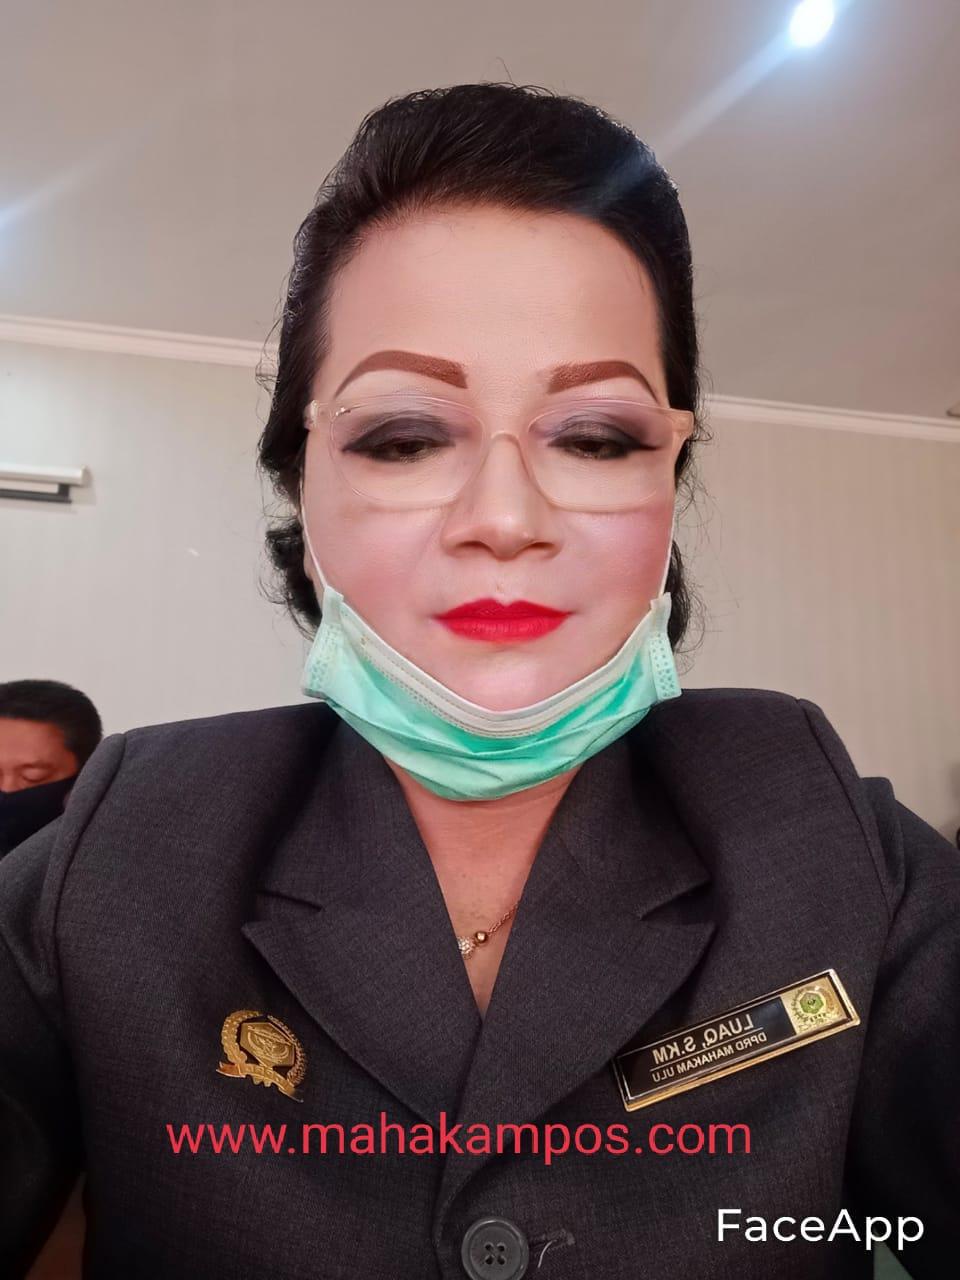 Keterangan Foto : Martina Luaq, S.K.M., Wakil Ketua Komisi 2 DPRD Mahulu periode 2019 – 2024, Bidang Ekonomi dan Keuangan. (Foto-foto : Dokumen Mahakam Pos)